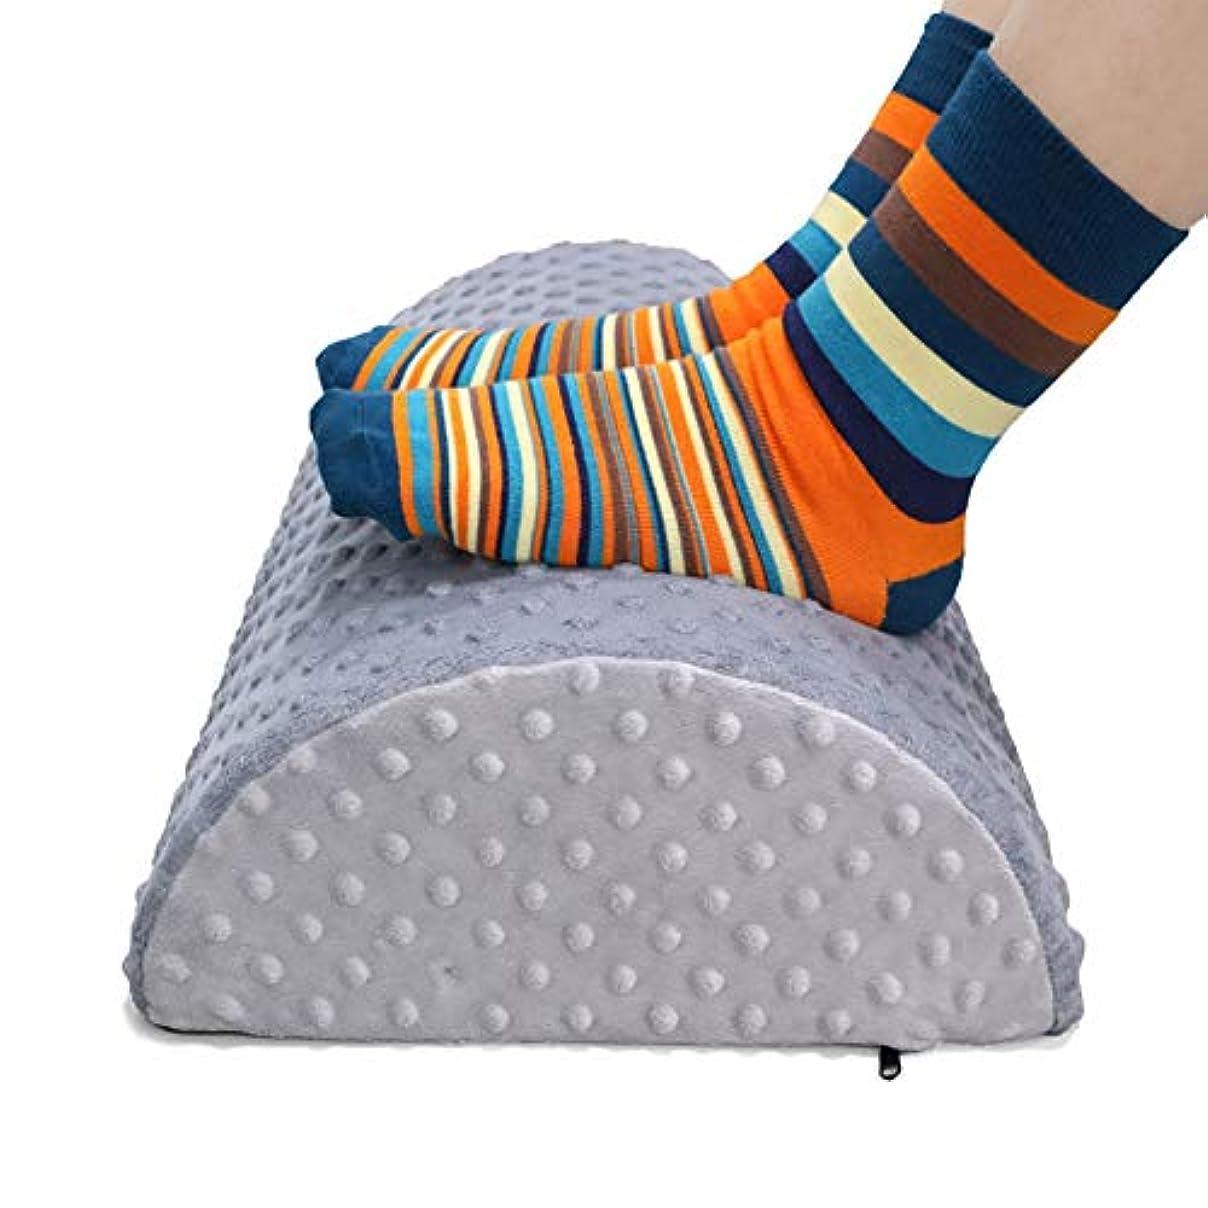 不規則な別々に申請者デスククッションの下のフットレスト - 家庭用およびオフィス用のフットスツール - エルゴノミックハーフ - 腰椎、背中、膝の痛み、フットスツールロッカー用,Gray